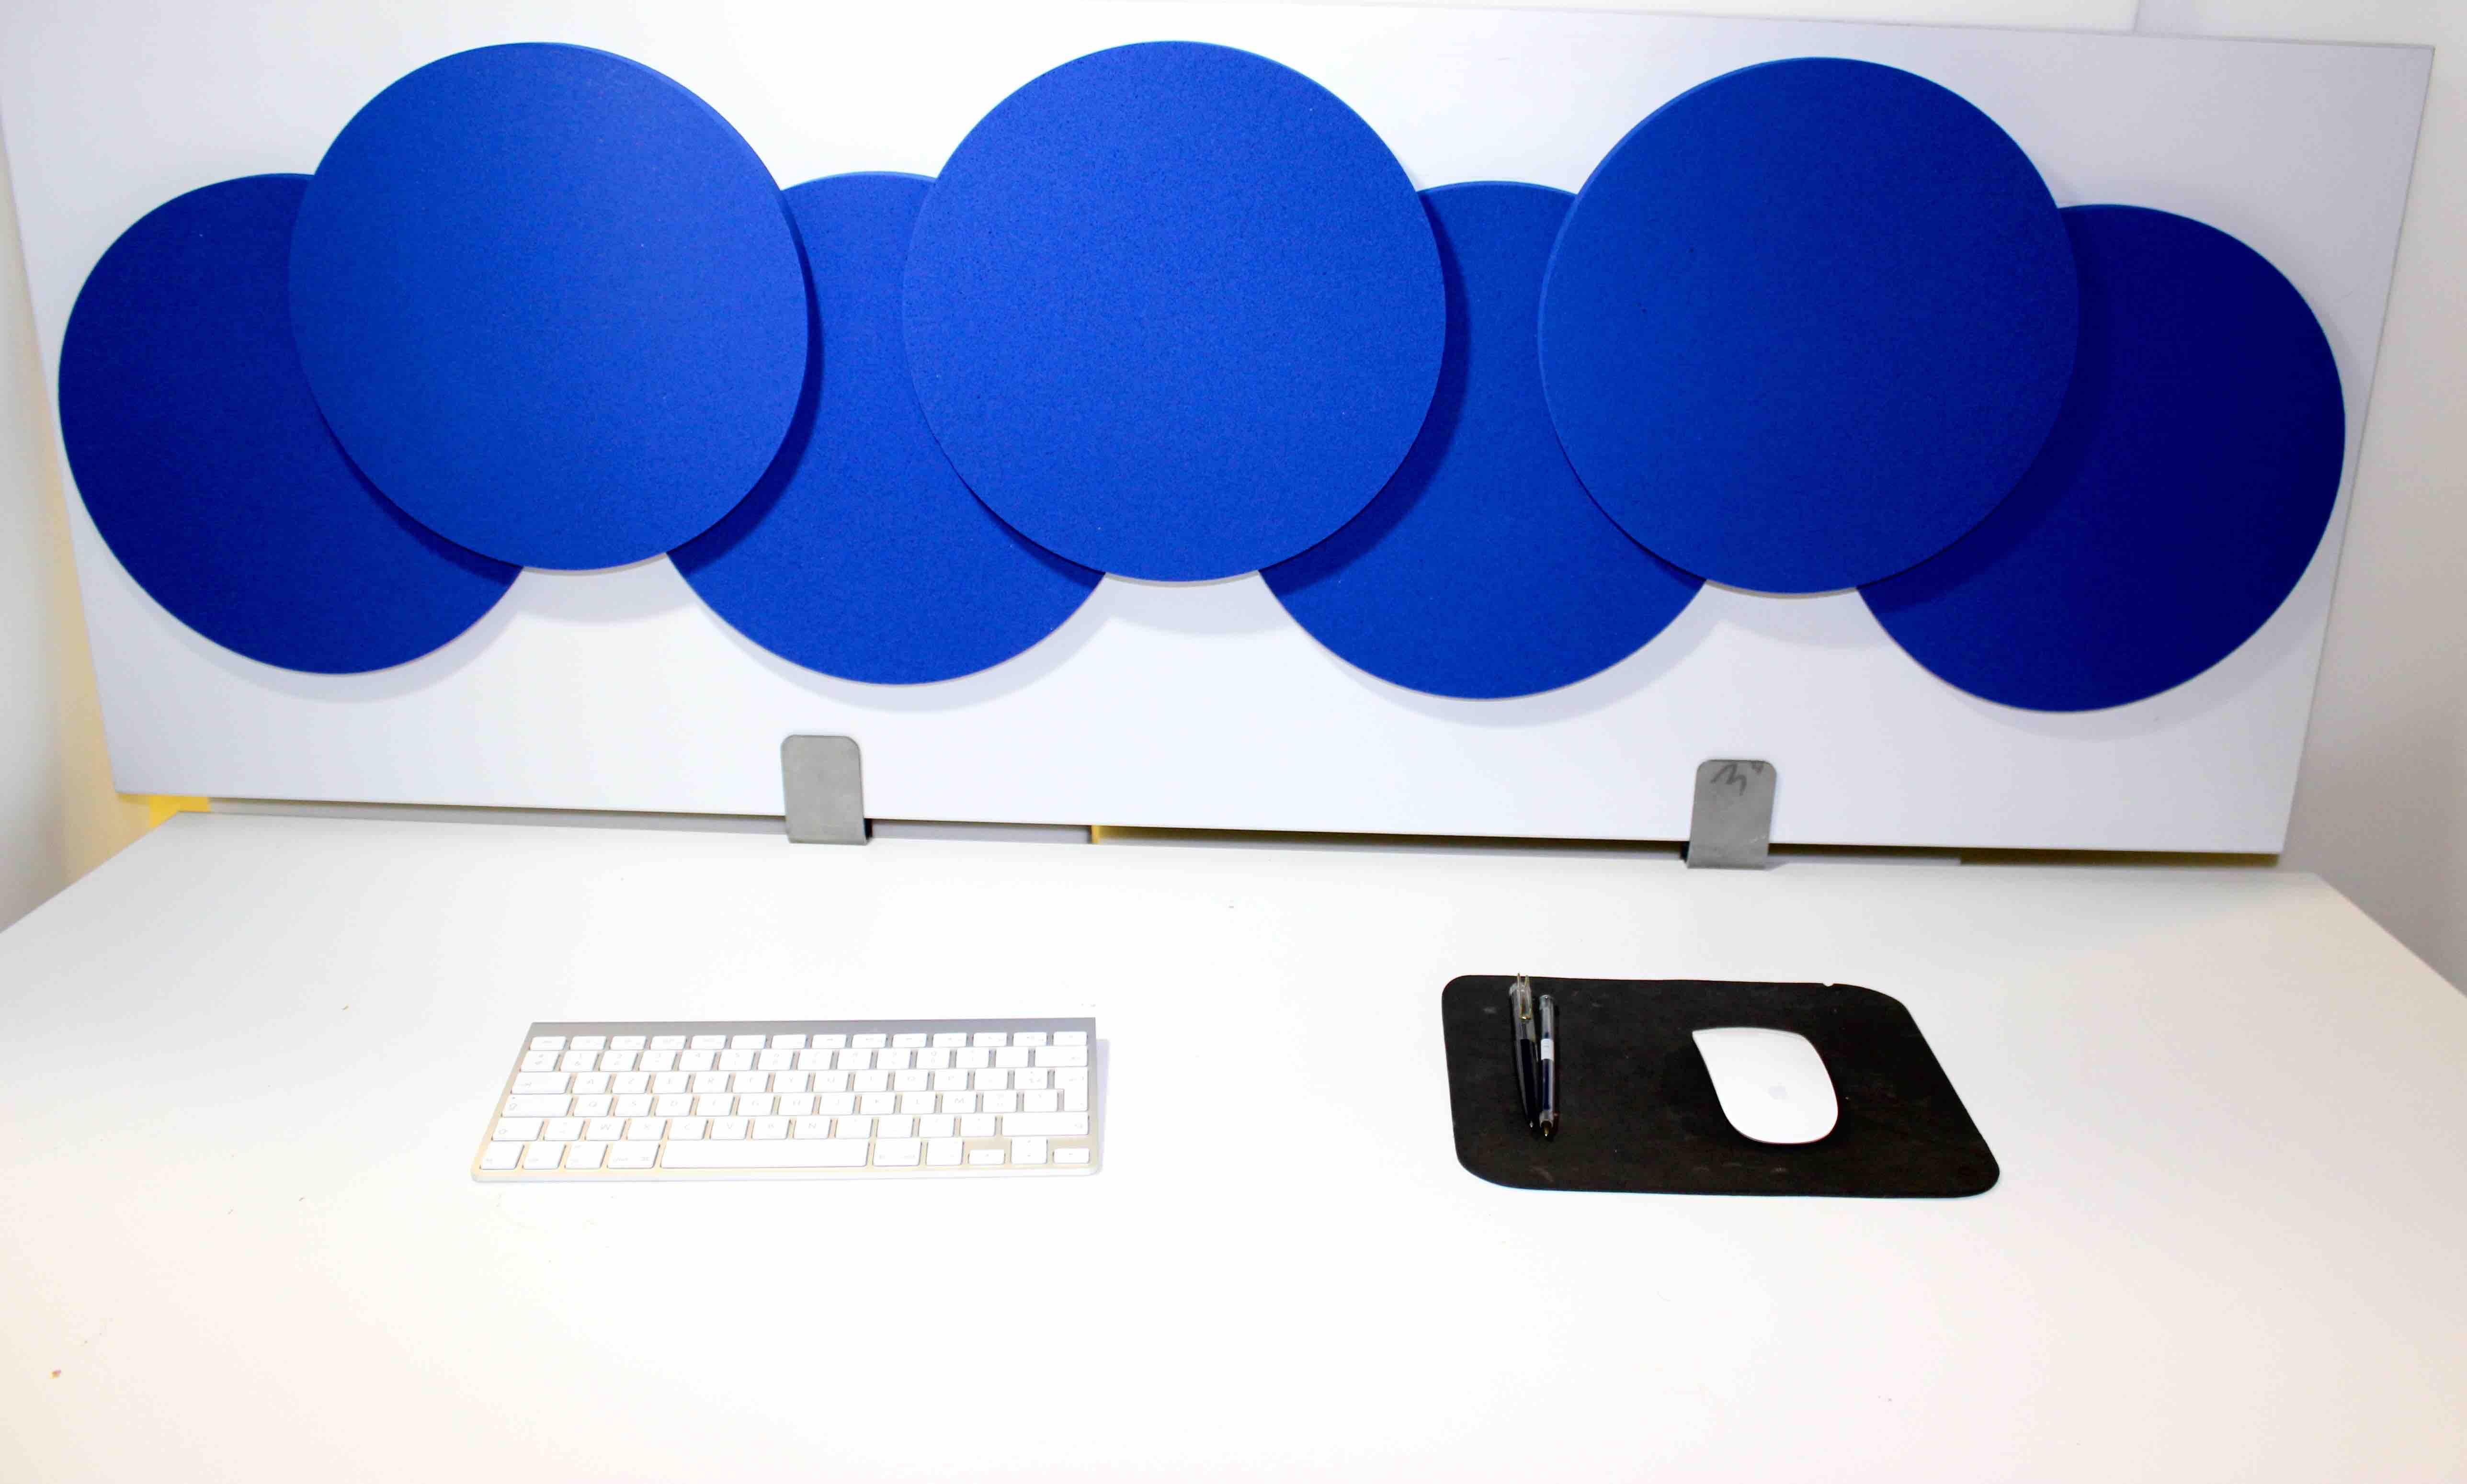 cloison acoustique olympic 3d sur bureau. Black Bedroom Furniture Sets. Home Design Ideas